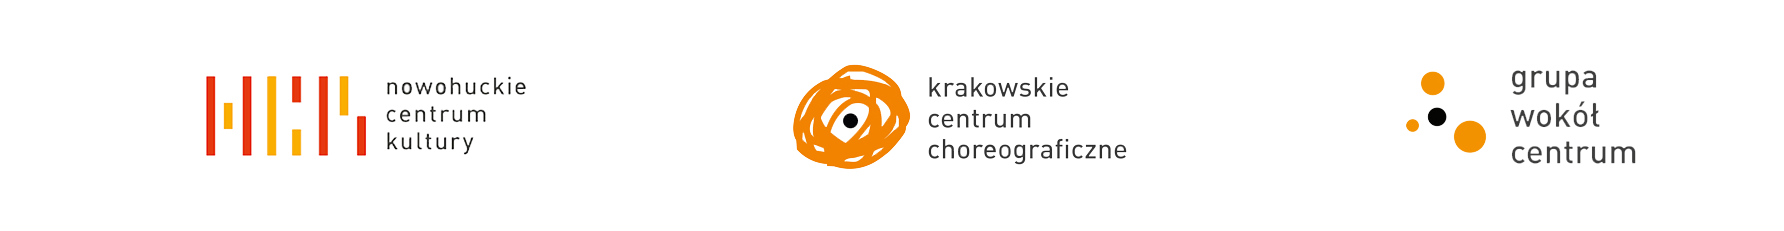 KCC-NCK-GWC-logos-transparent